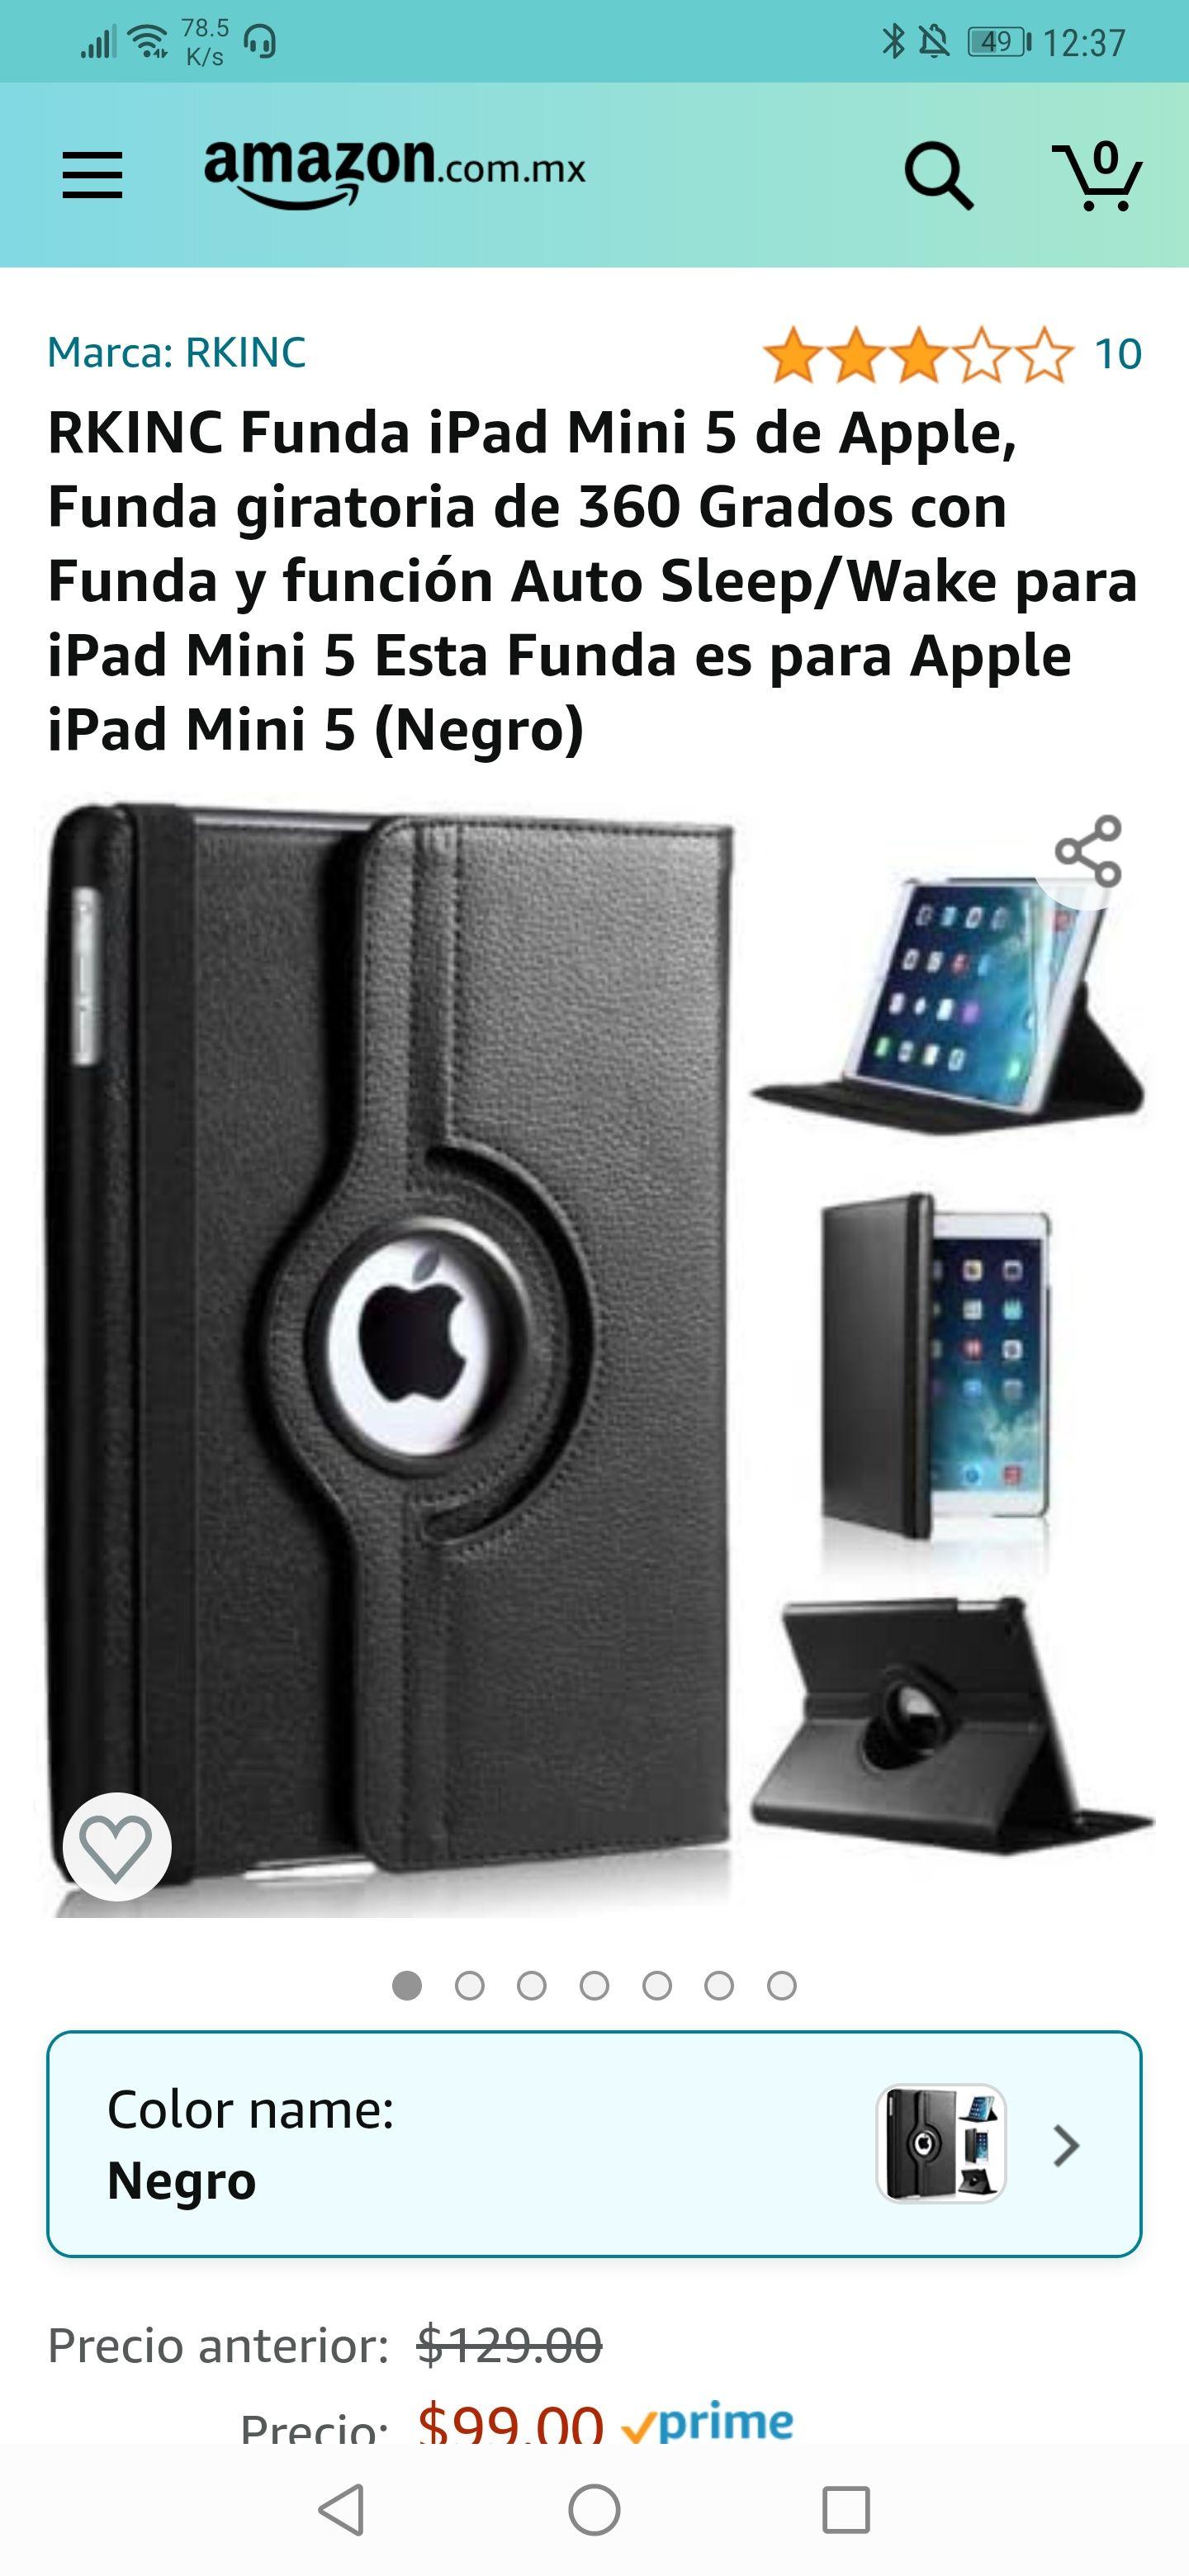 Amazon: Funda Giratoria iPad 5 Mini en todos los colores